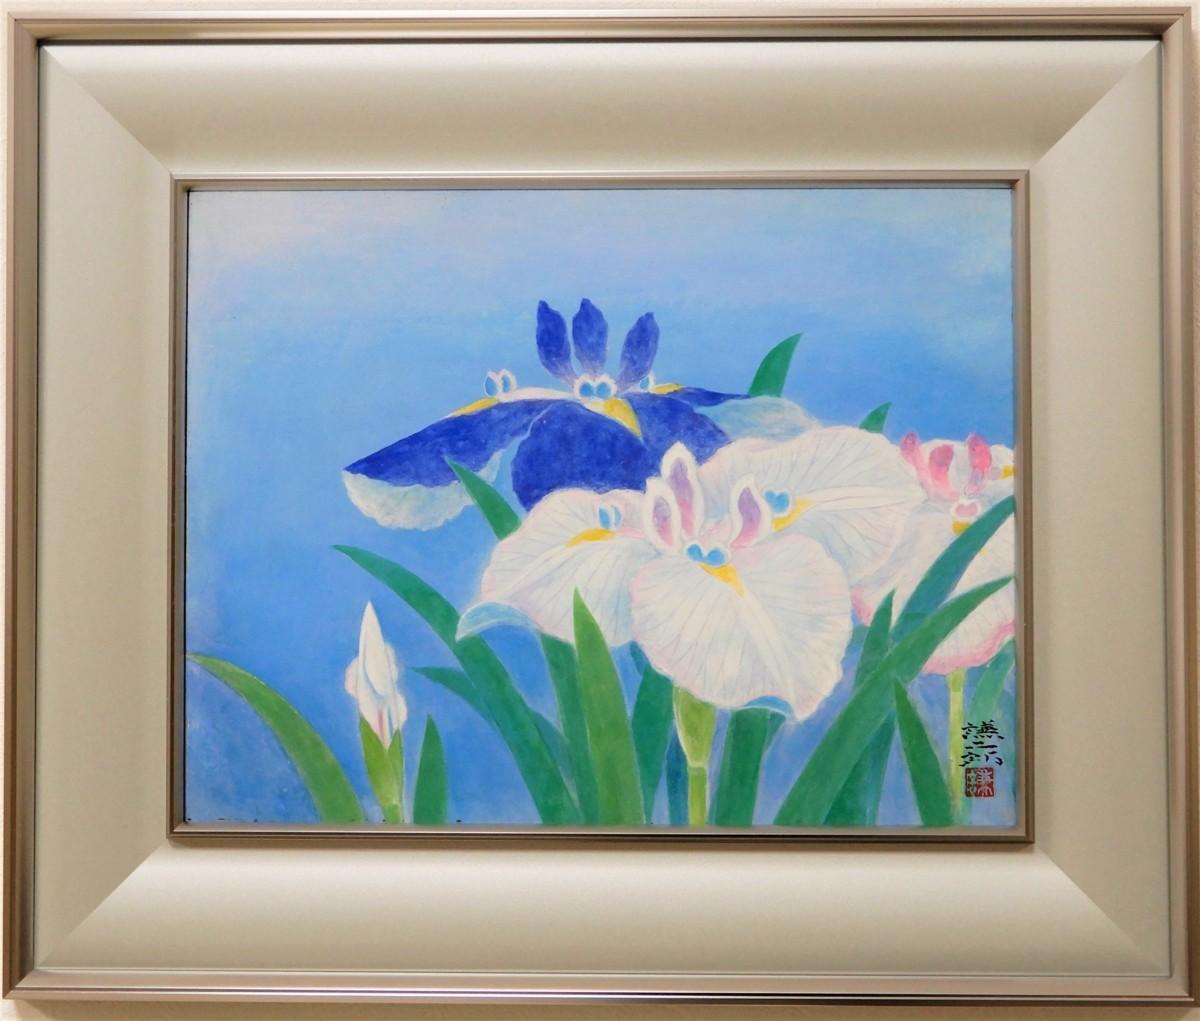 大幅な値下交渉歓迎 福田謙二郎 『花菖蒲』 日本画 F6号 日展会員 2006年逝去 【送料無料】_画像1